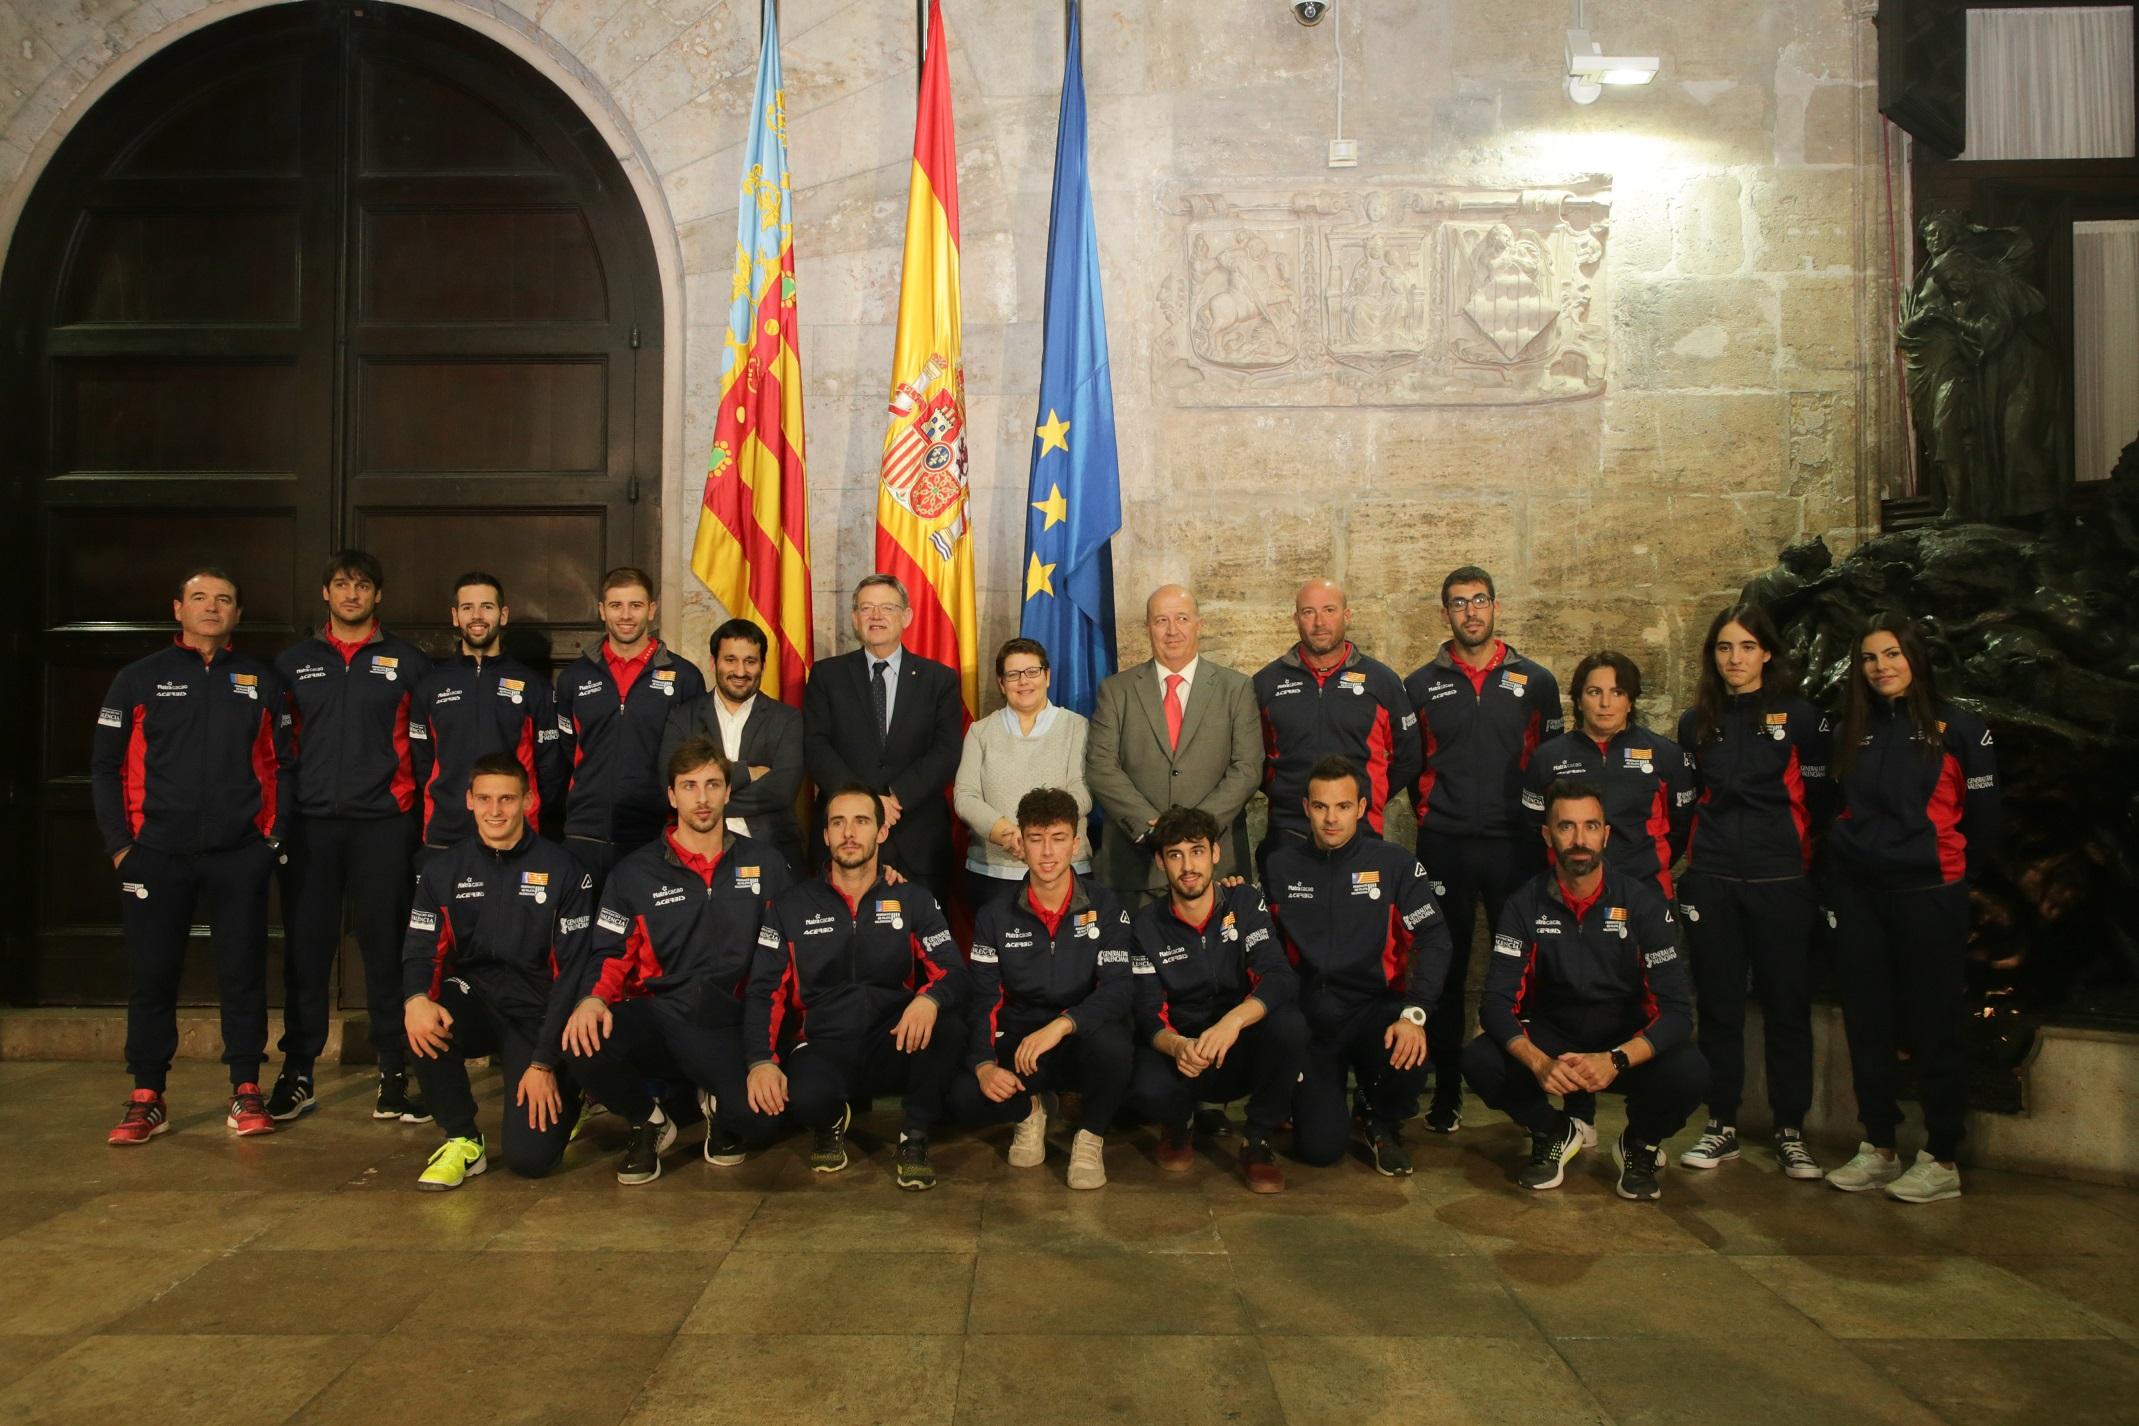 Un moment de la recepció a càrrec del president de la Generalitat, Ximo Puig.